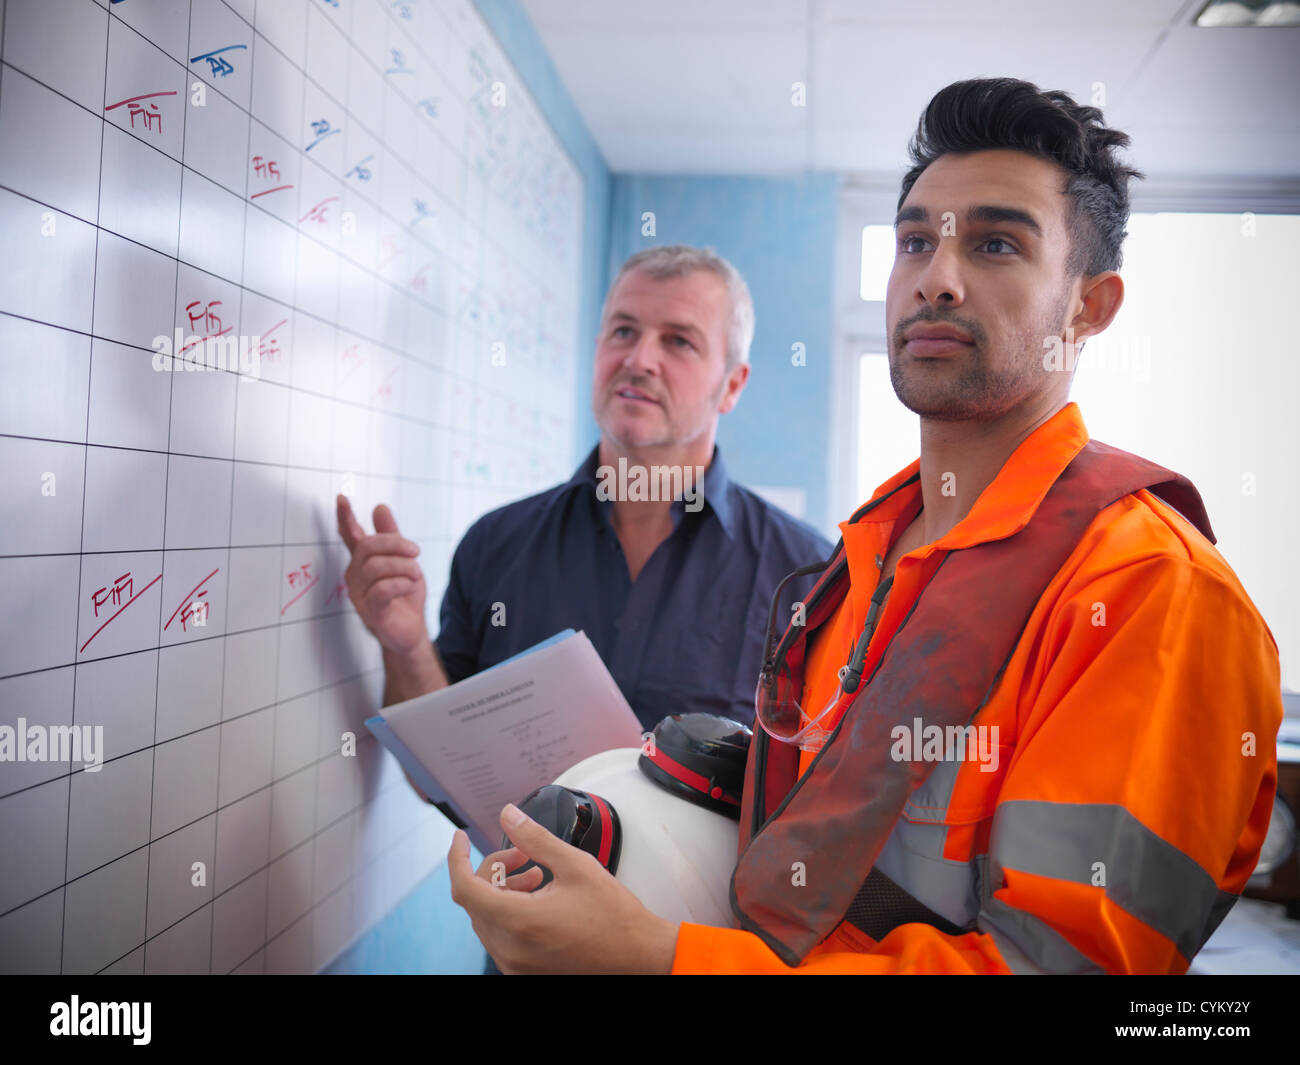 Los trabajadores planificar operaciones a bordo Imagen De Stock